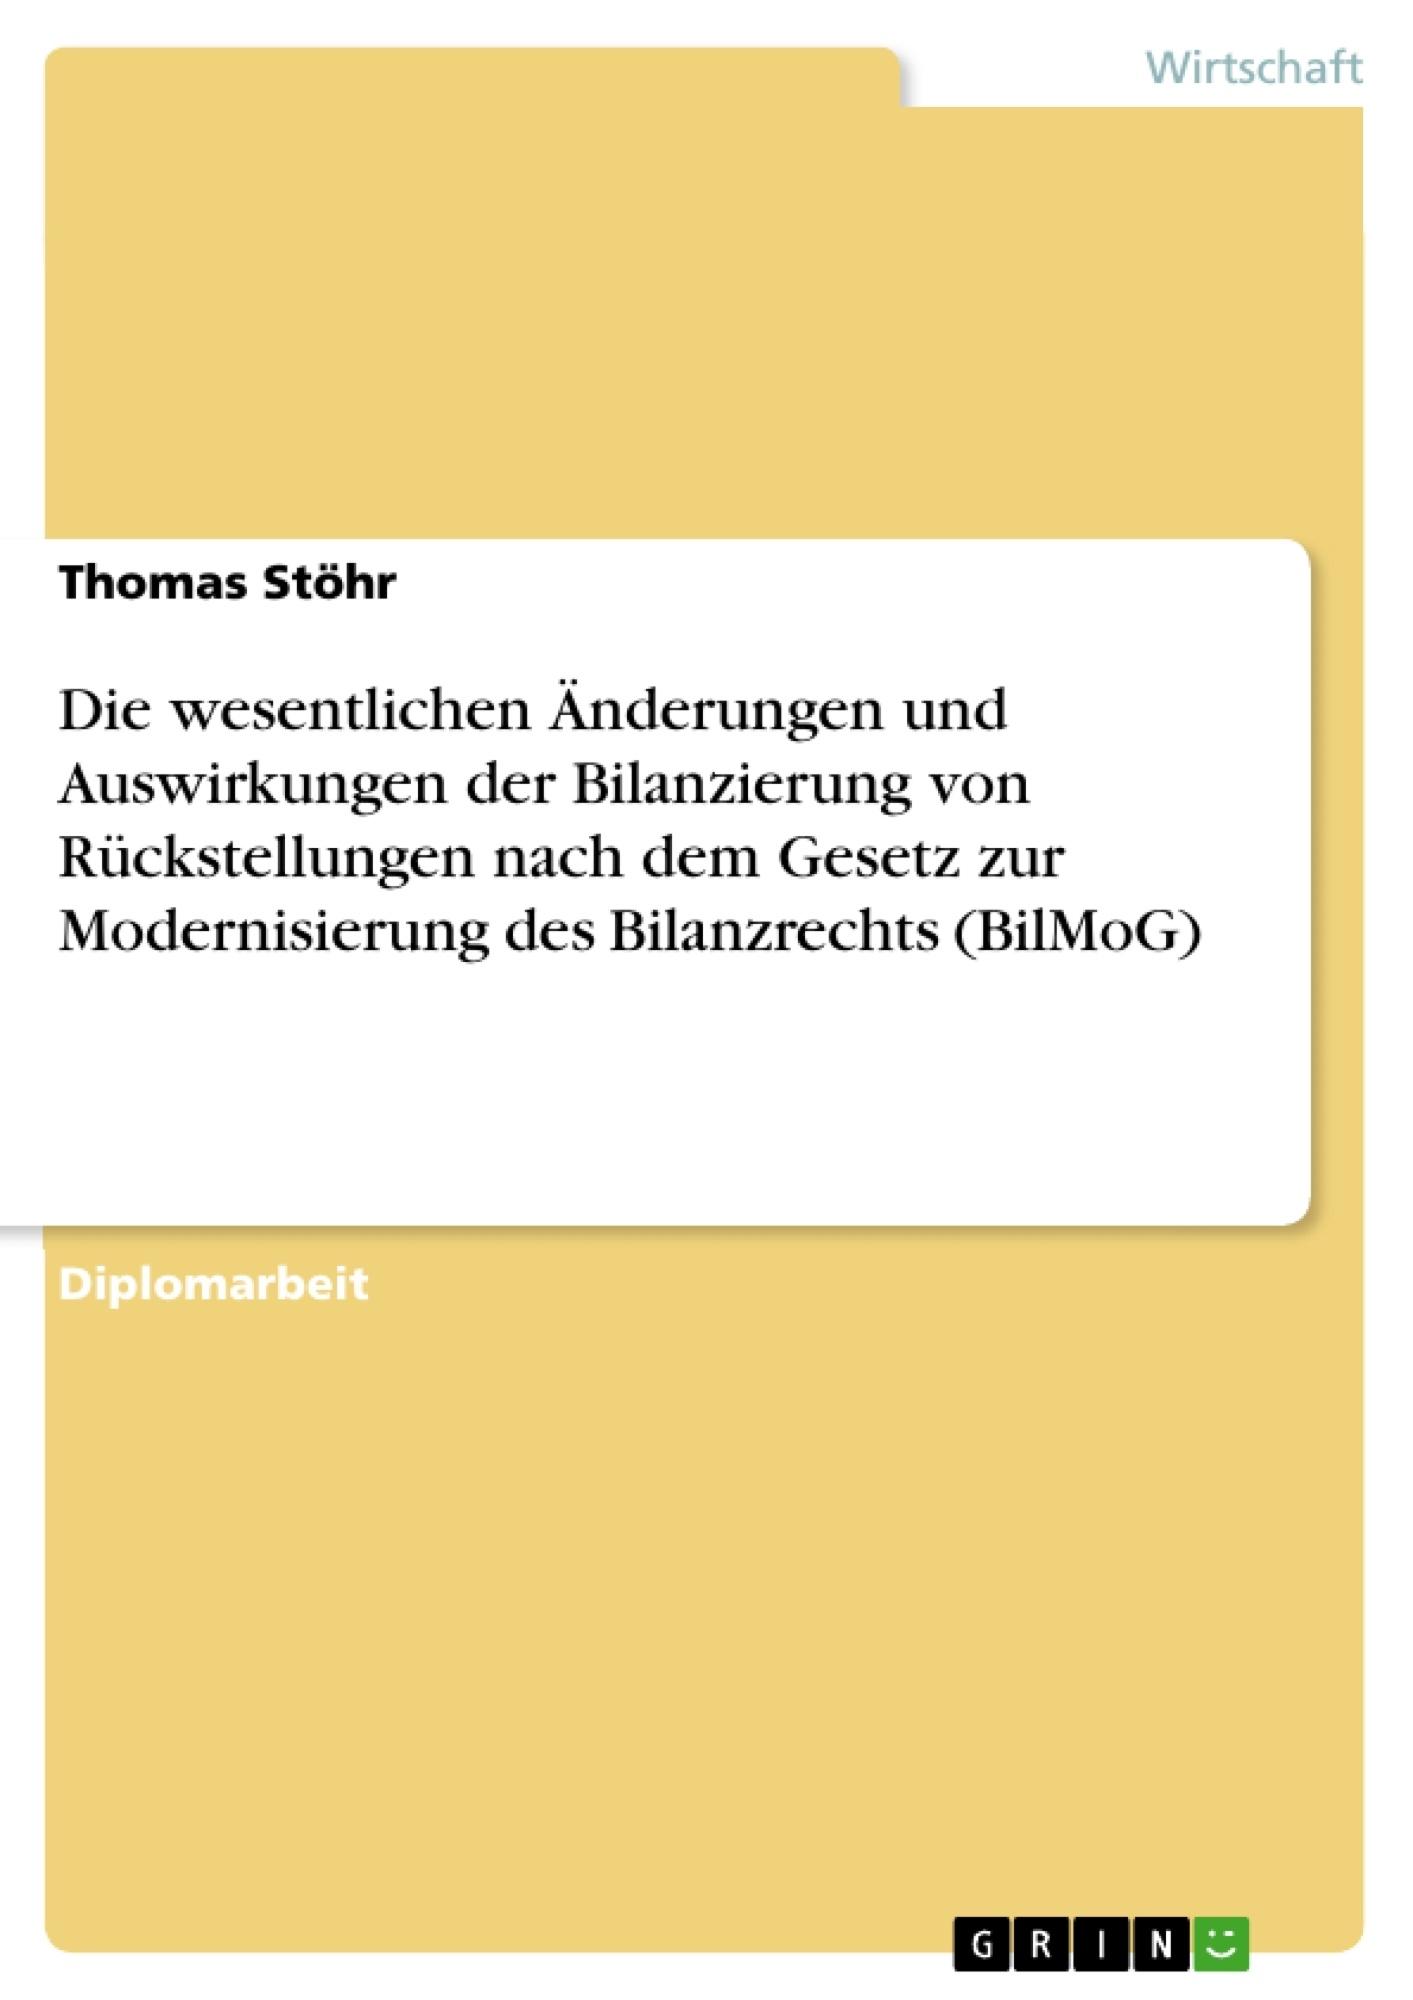 Titel: Die wesentlichen Änderungen und Auswirkungen der Bilanzierung von Rückstellungen nach dem Gesetz zur Modernisierung des Bilanzrechts (BilMoG)